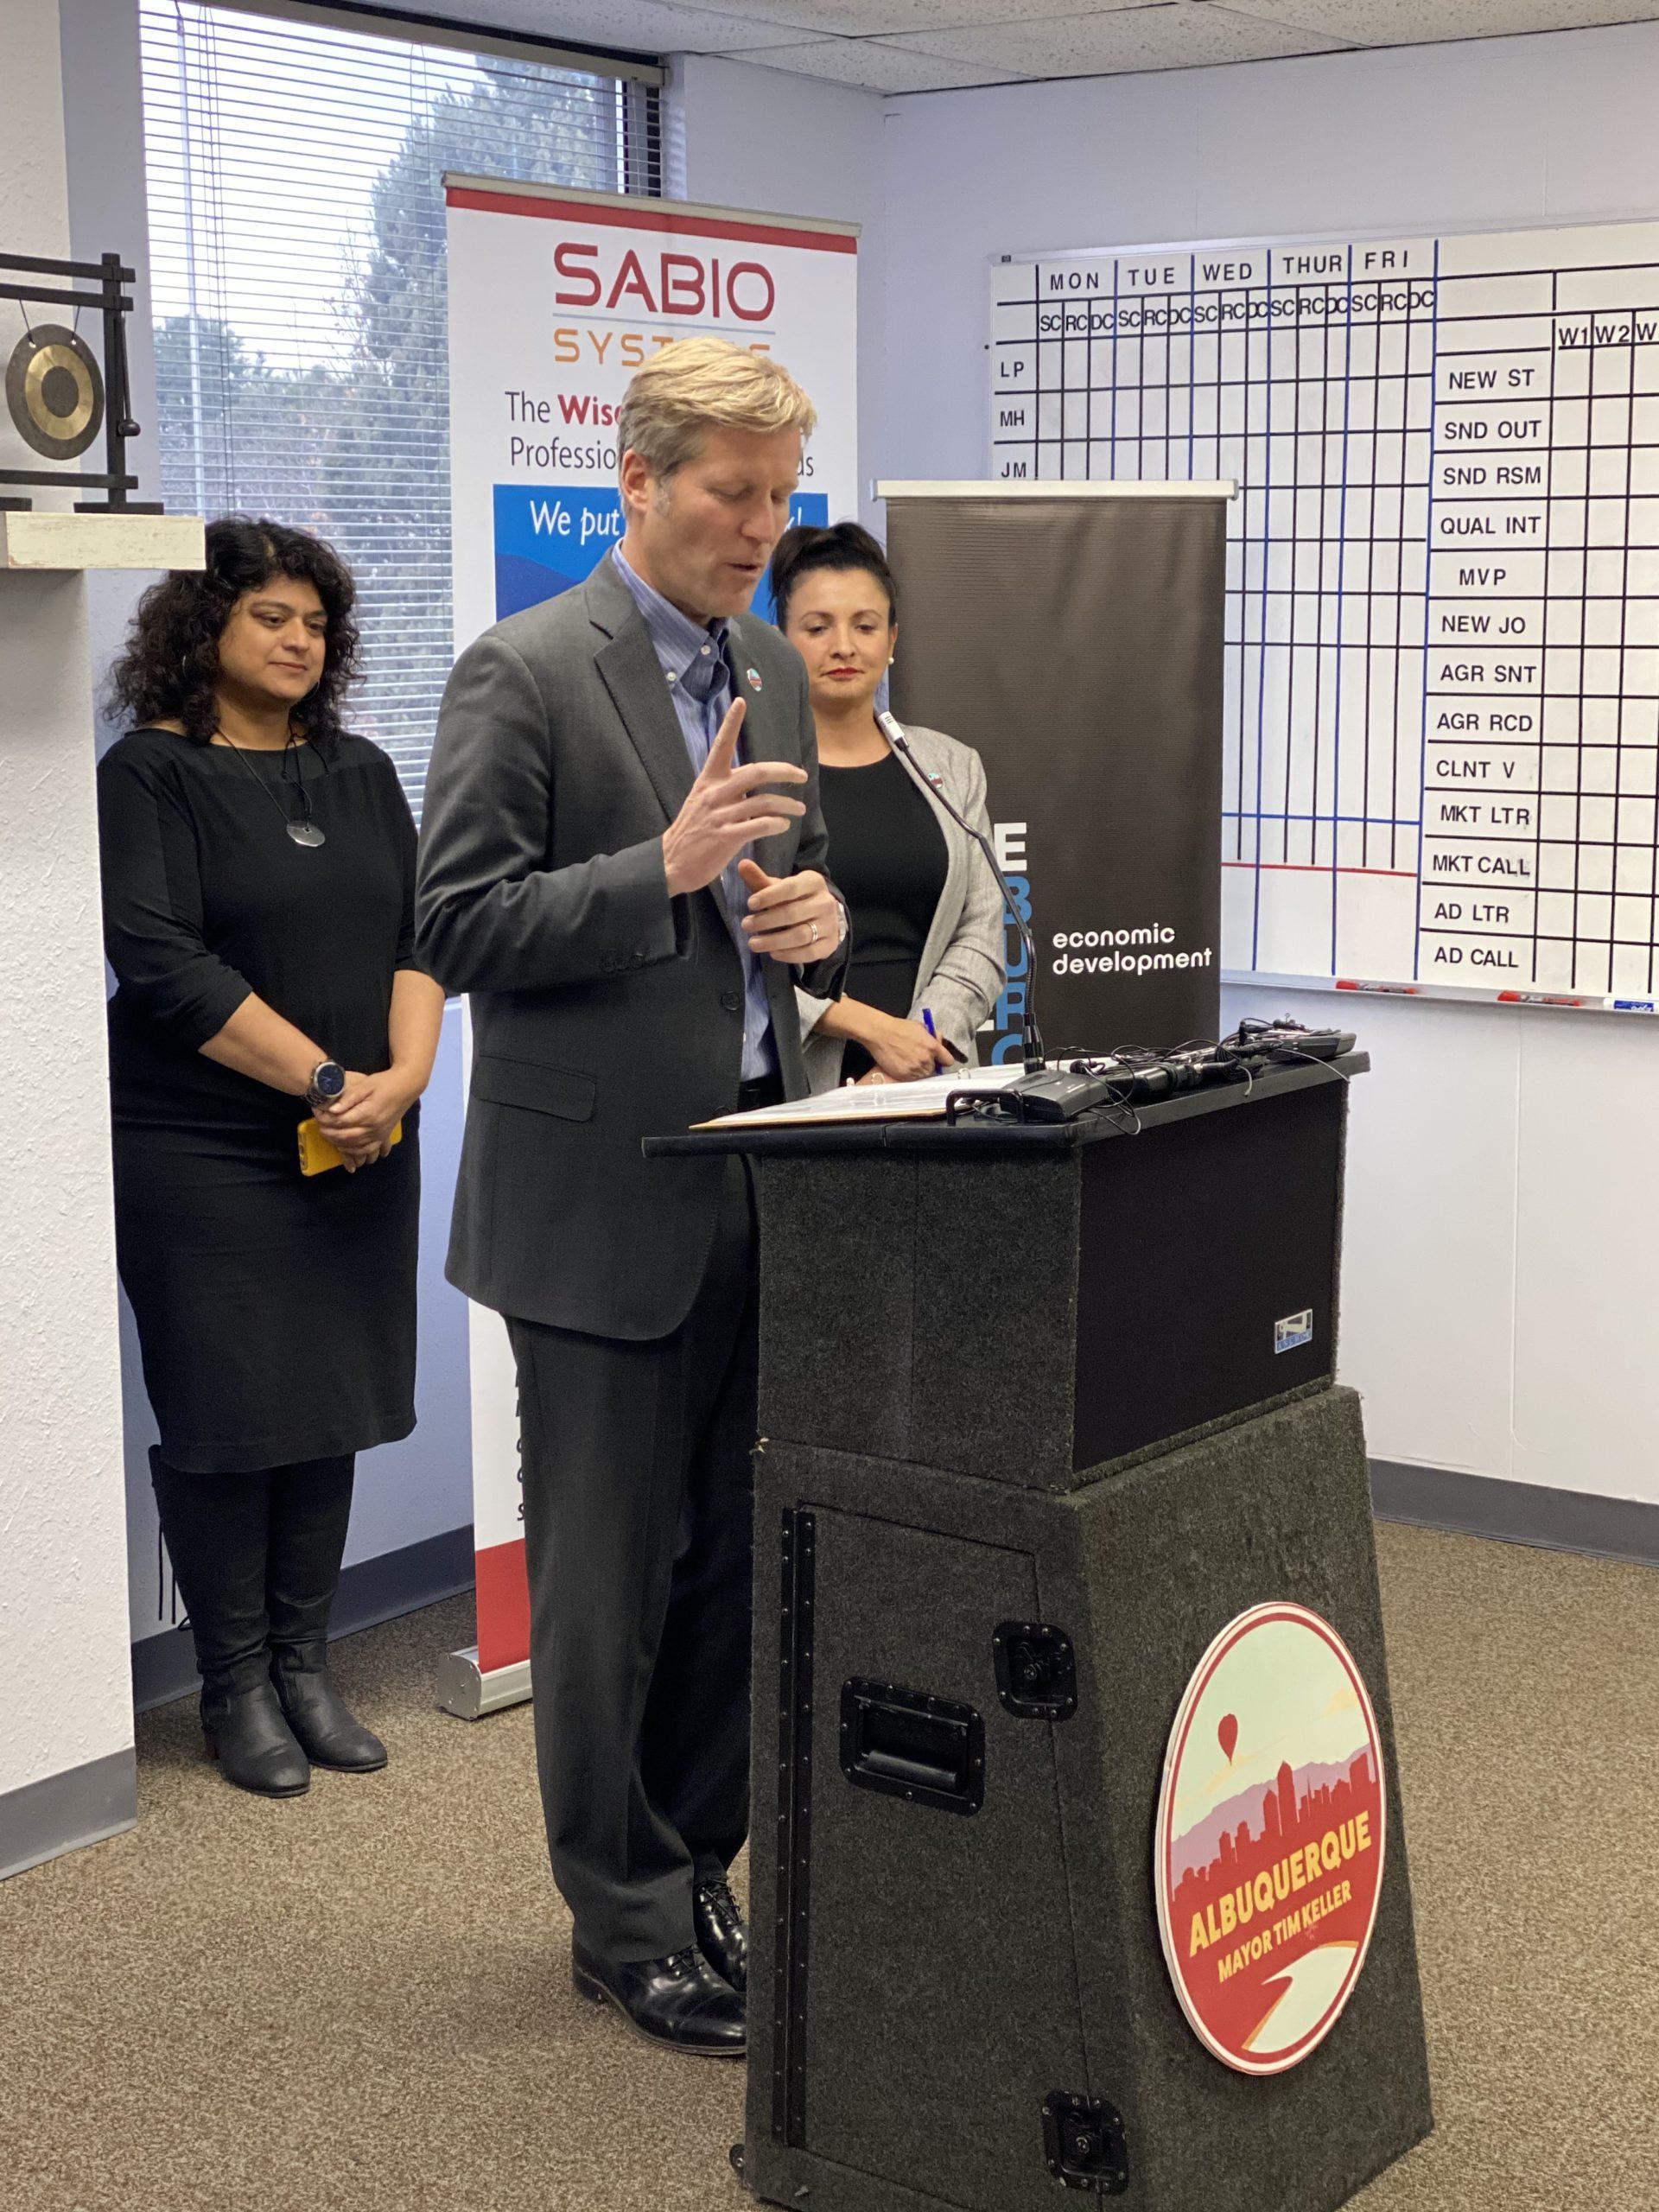 Mayor Tim Keller Speaking